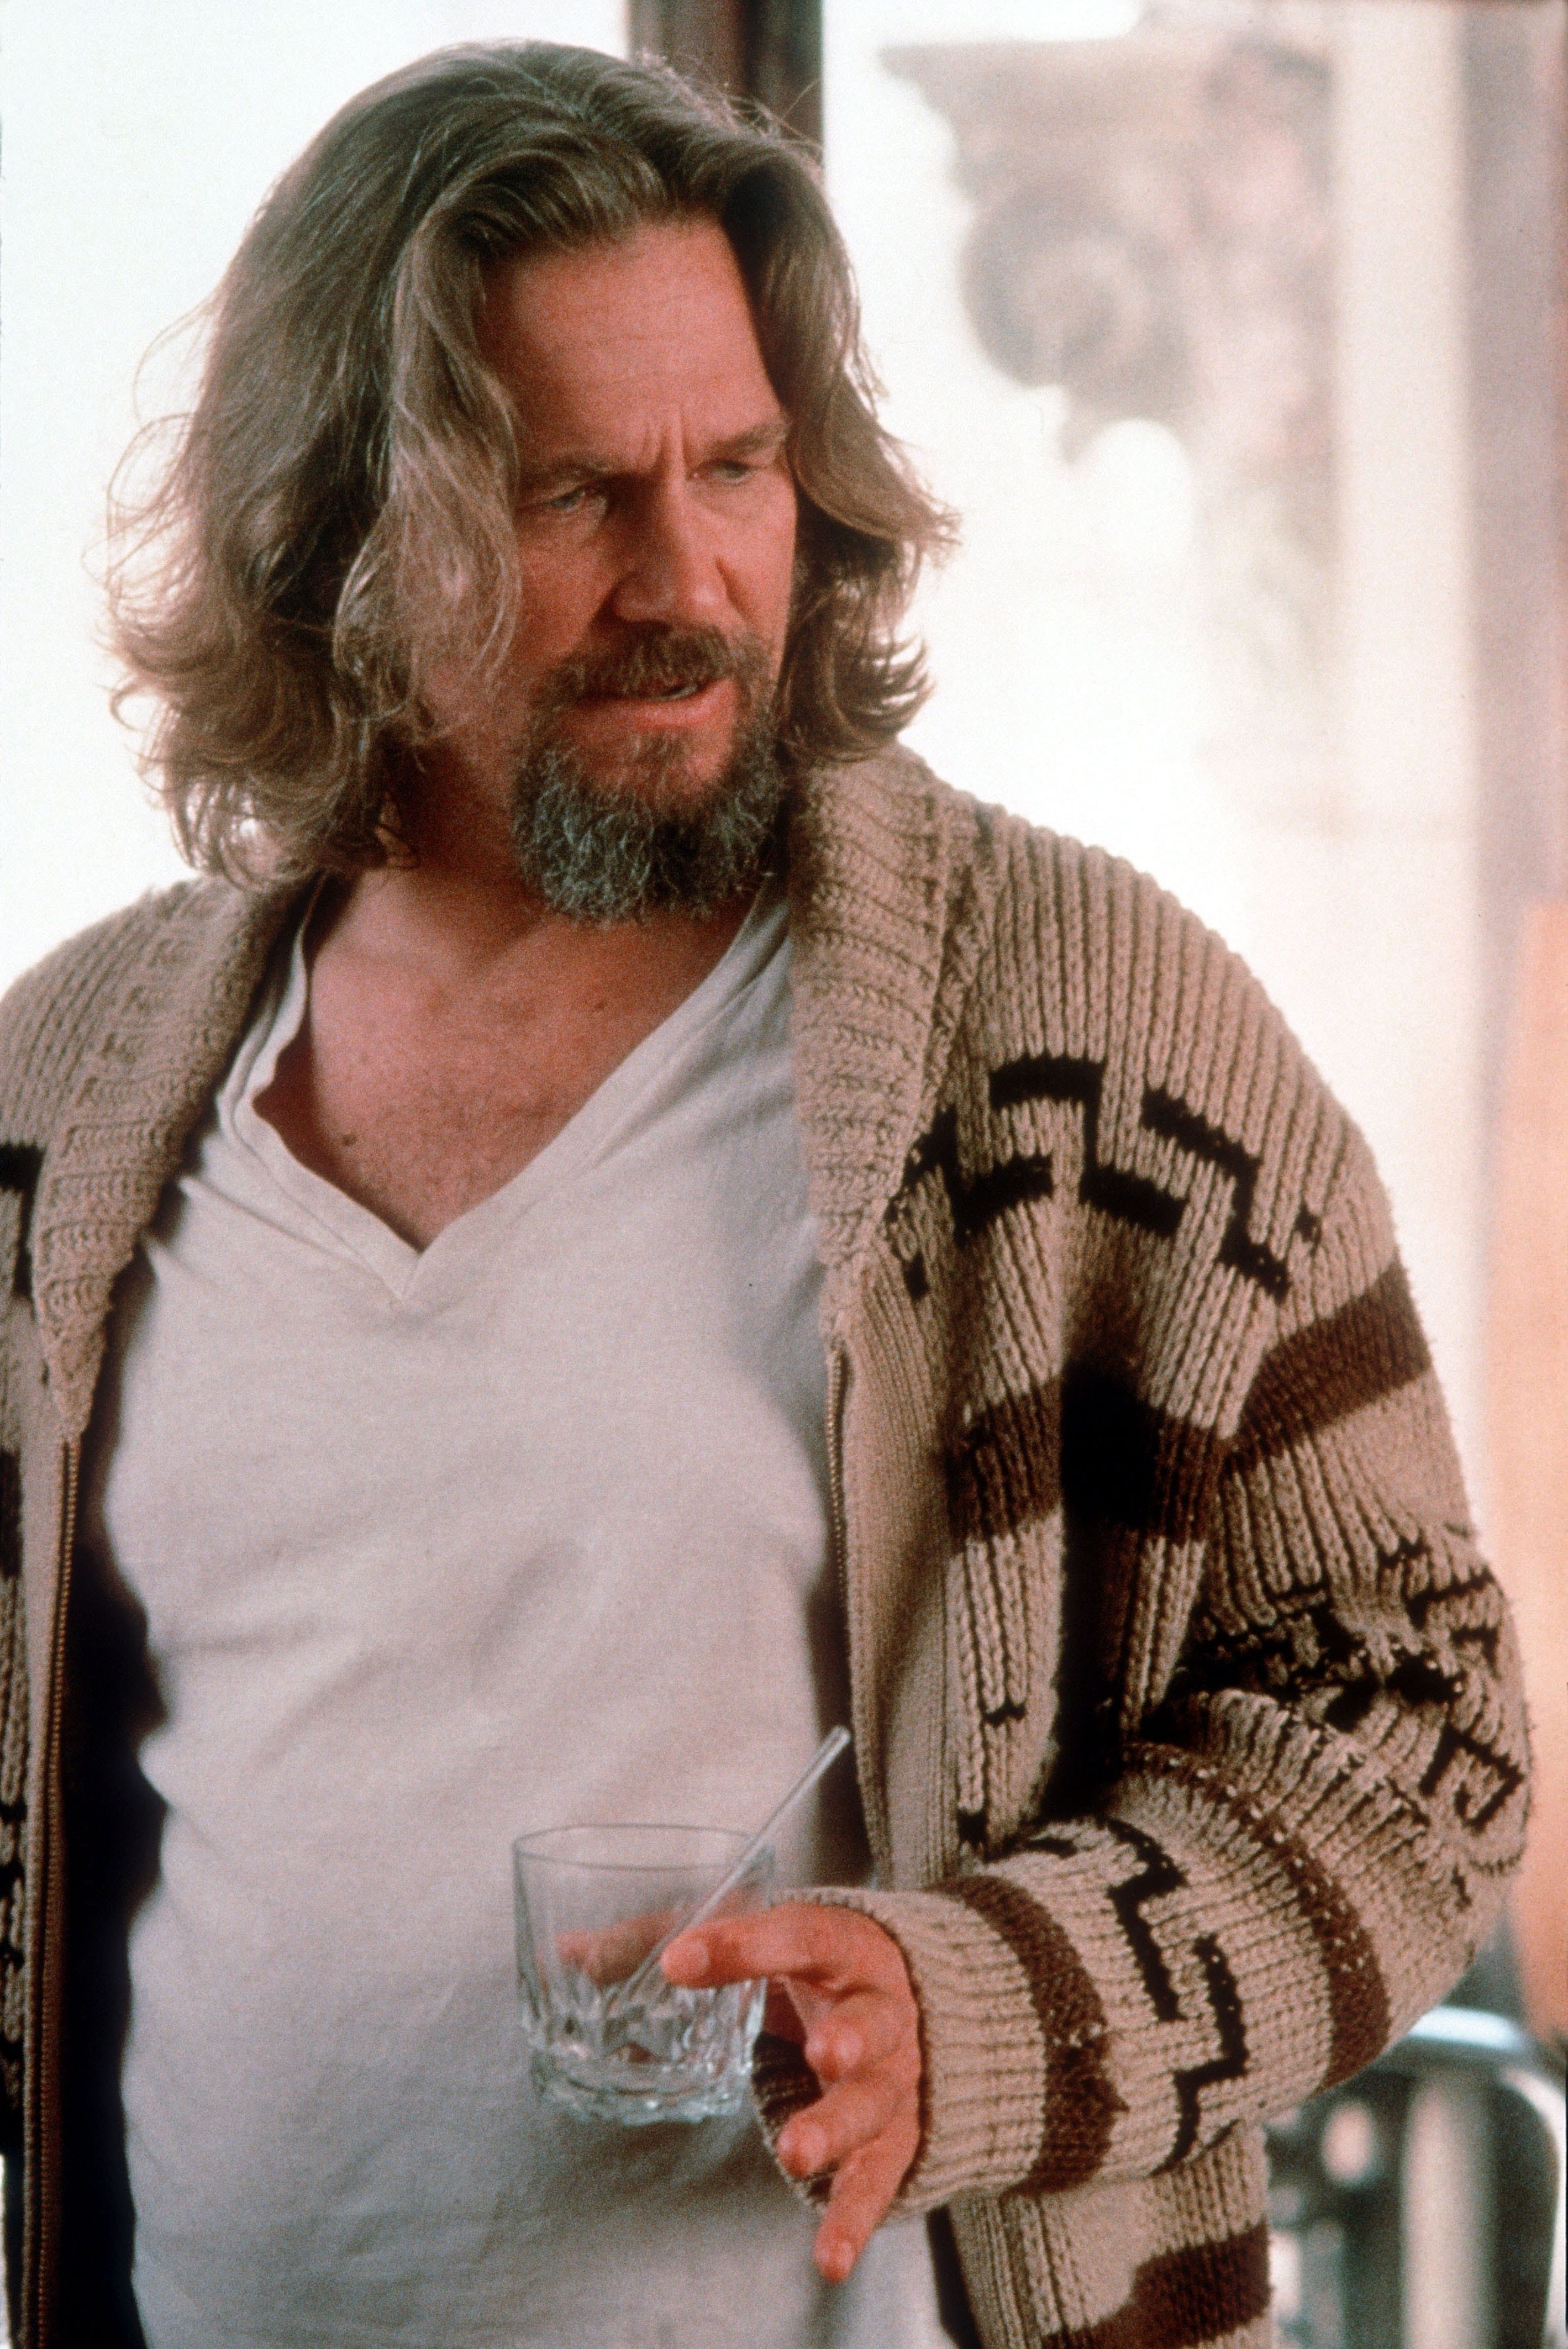 """Uue ajastu mees, kõigi hipide järglane, kõigi hipsterite varane eellane Jeffrey """"The Dude"""" Lebowski. Kaadrid filmist """"Suur Lebowski"""""""